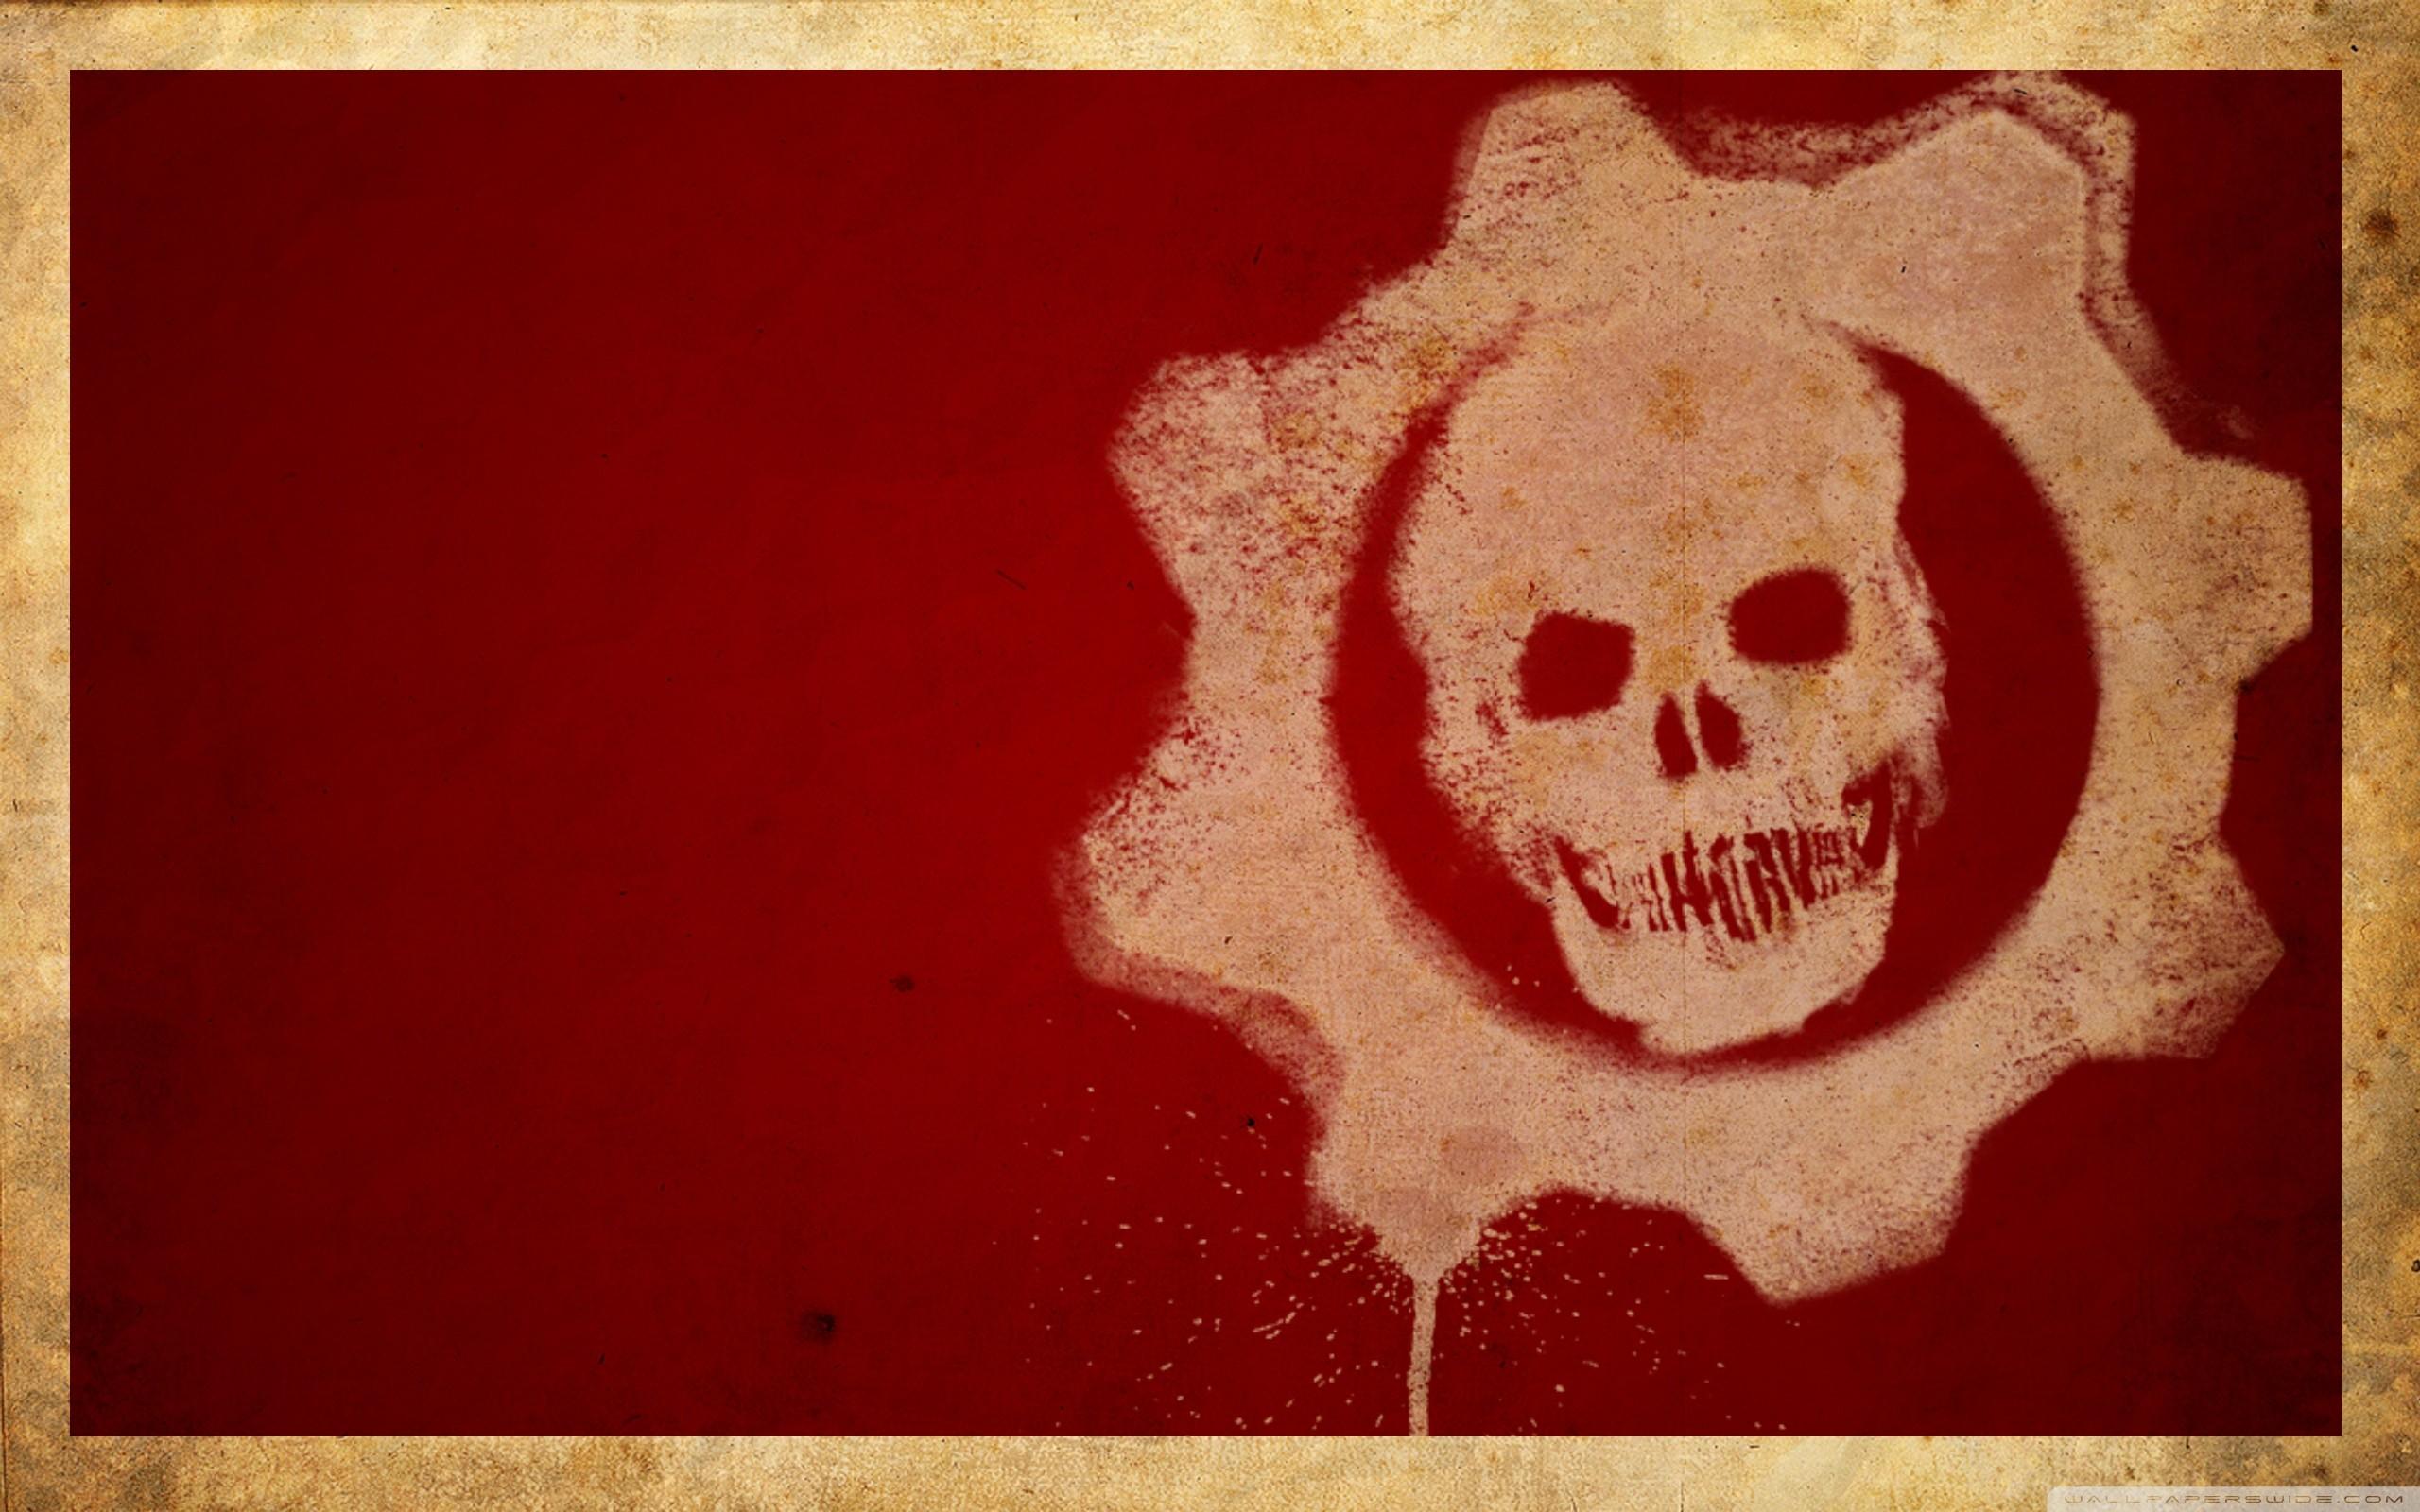 Gears Of War 3 Logo Hd Wide Wallpaper For 4k Uhd Widescreen - Logo Gears Of War Hd - HD Wallpaper